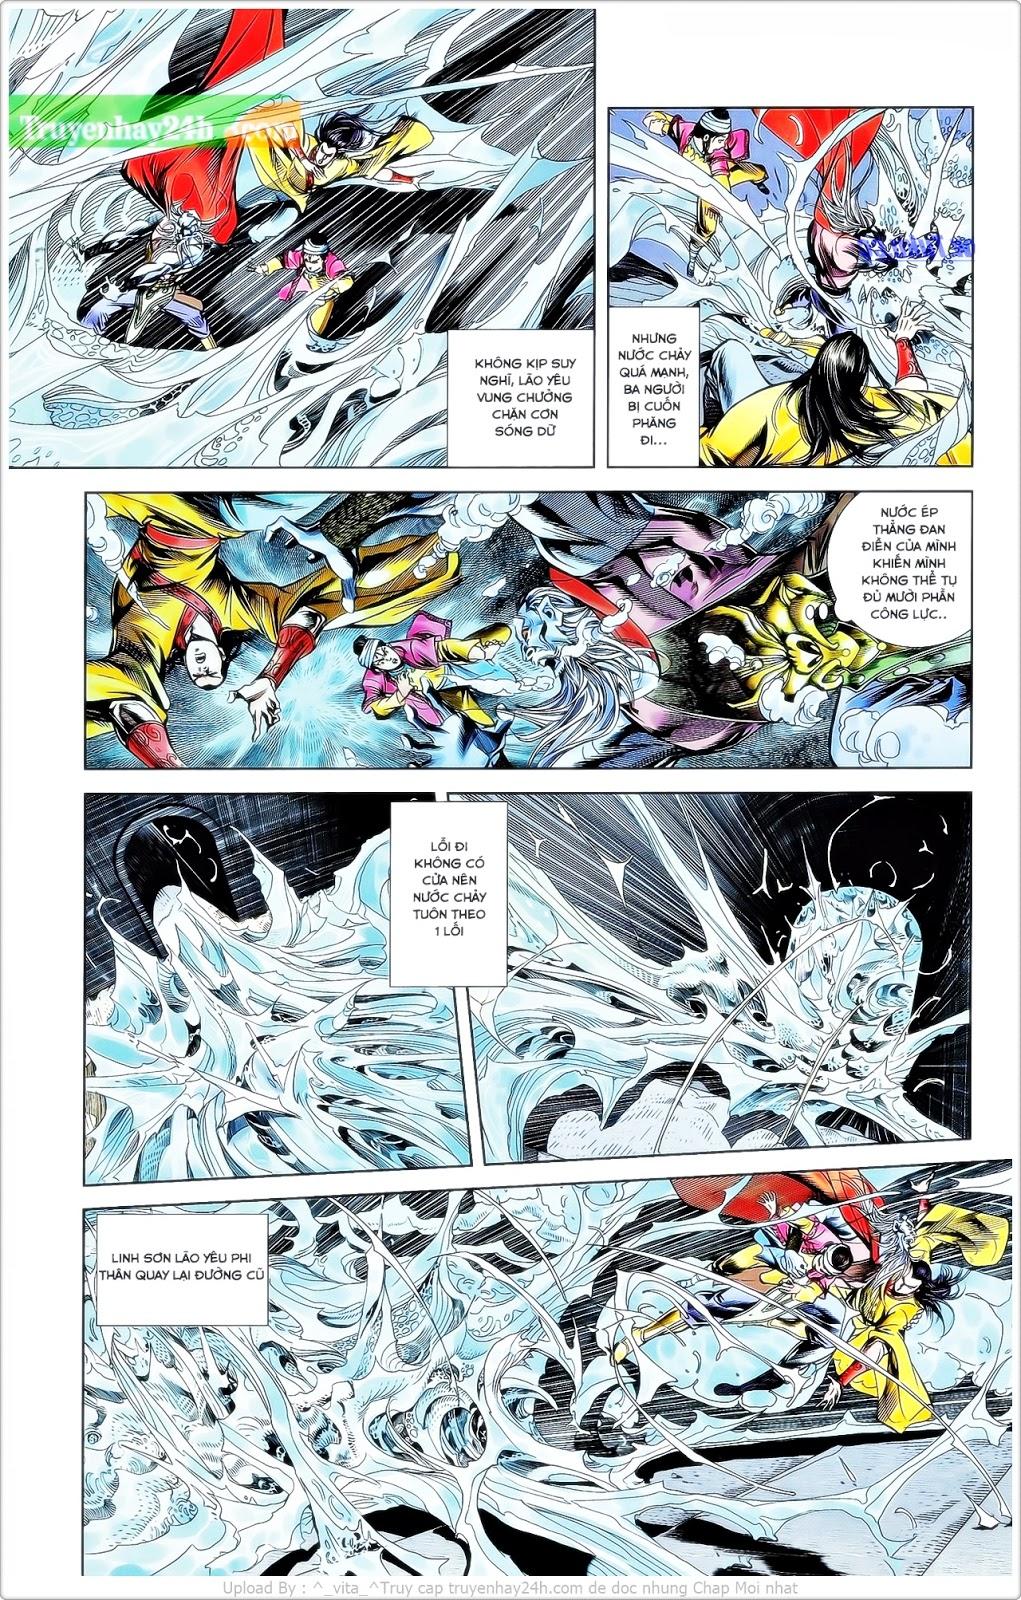 Tần Vương Doanh Chính chapter 26 trang 6